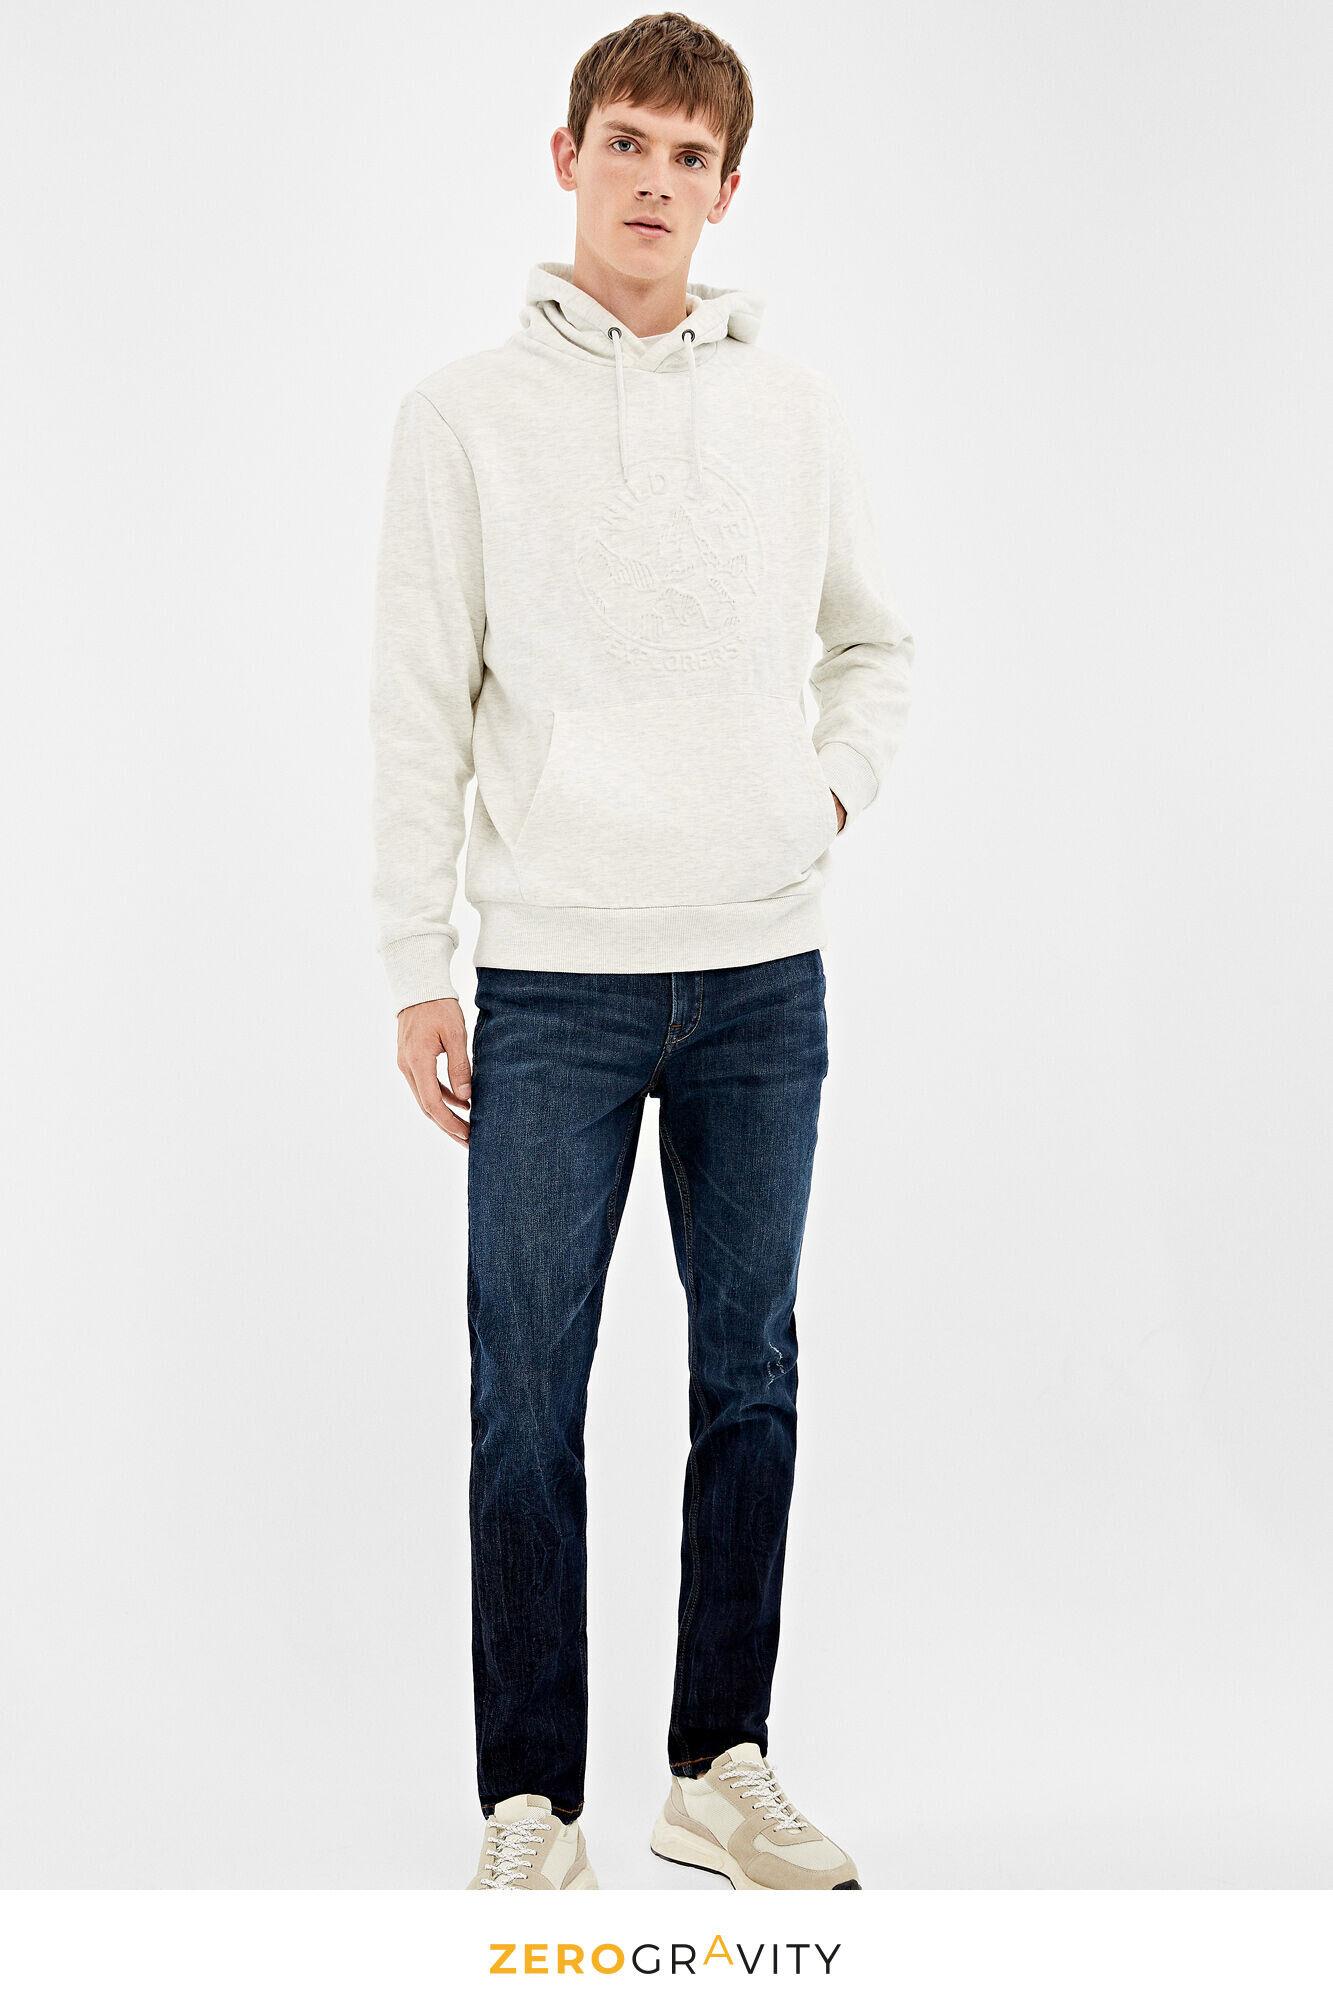 Pour Jeans HommeSpringfield Jeans Jeans Pour HommeSpringfield Jeans Pour HommeSpringfield HommeSpringfield Pour thsrdQC